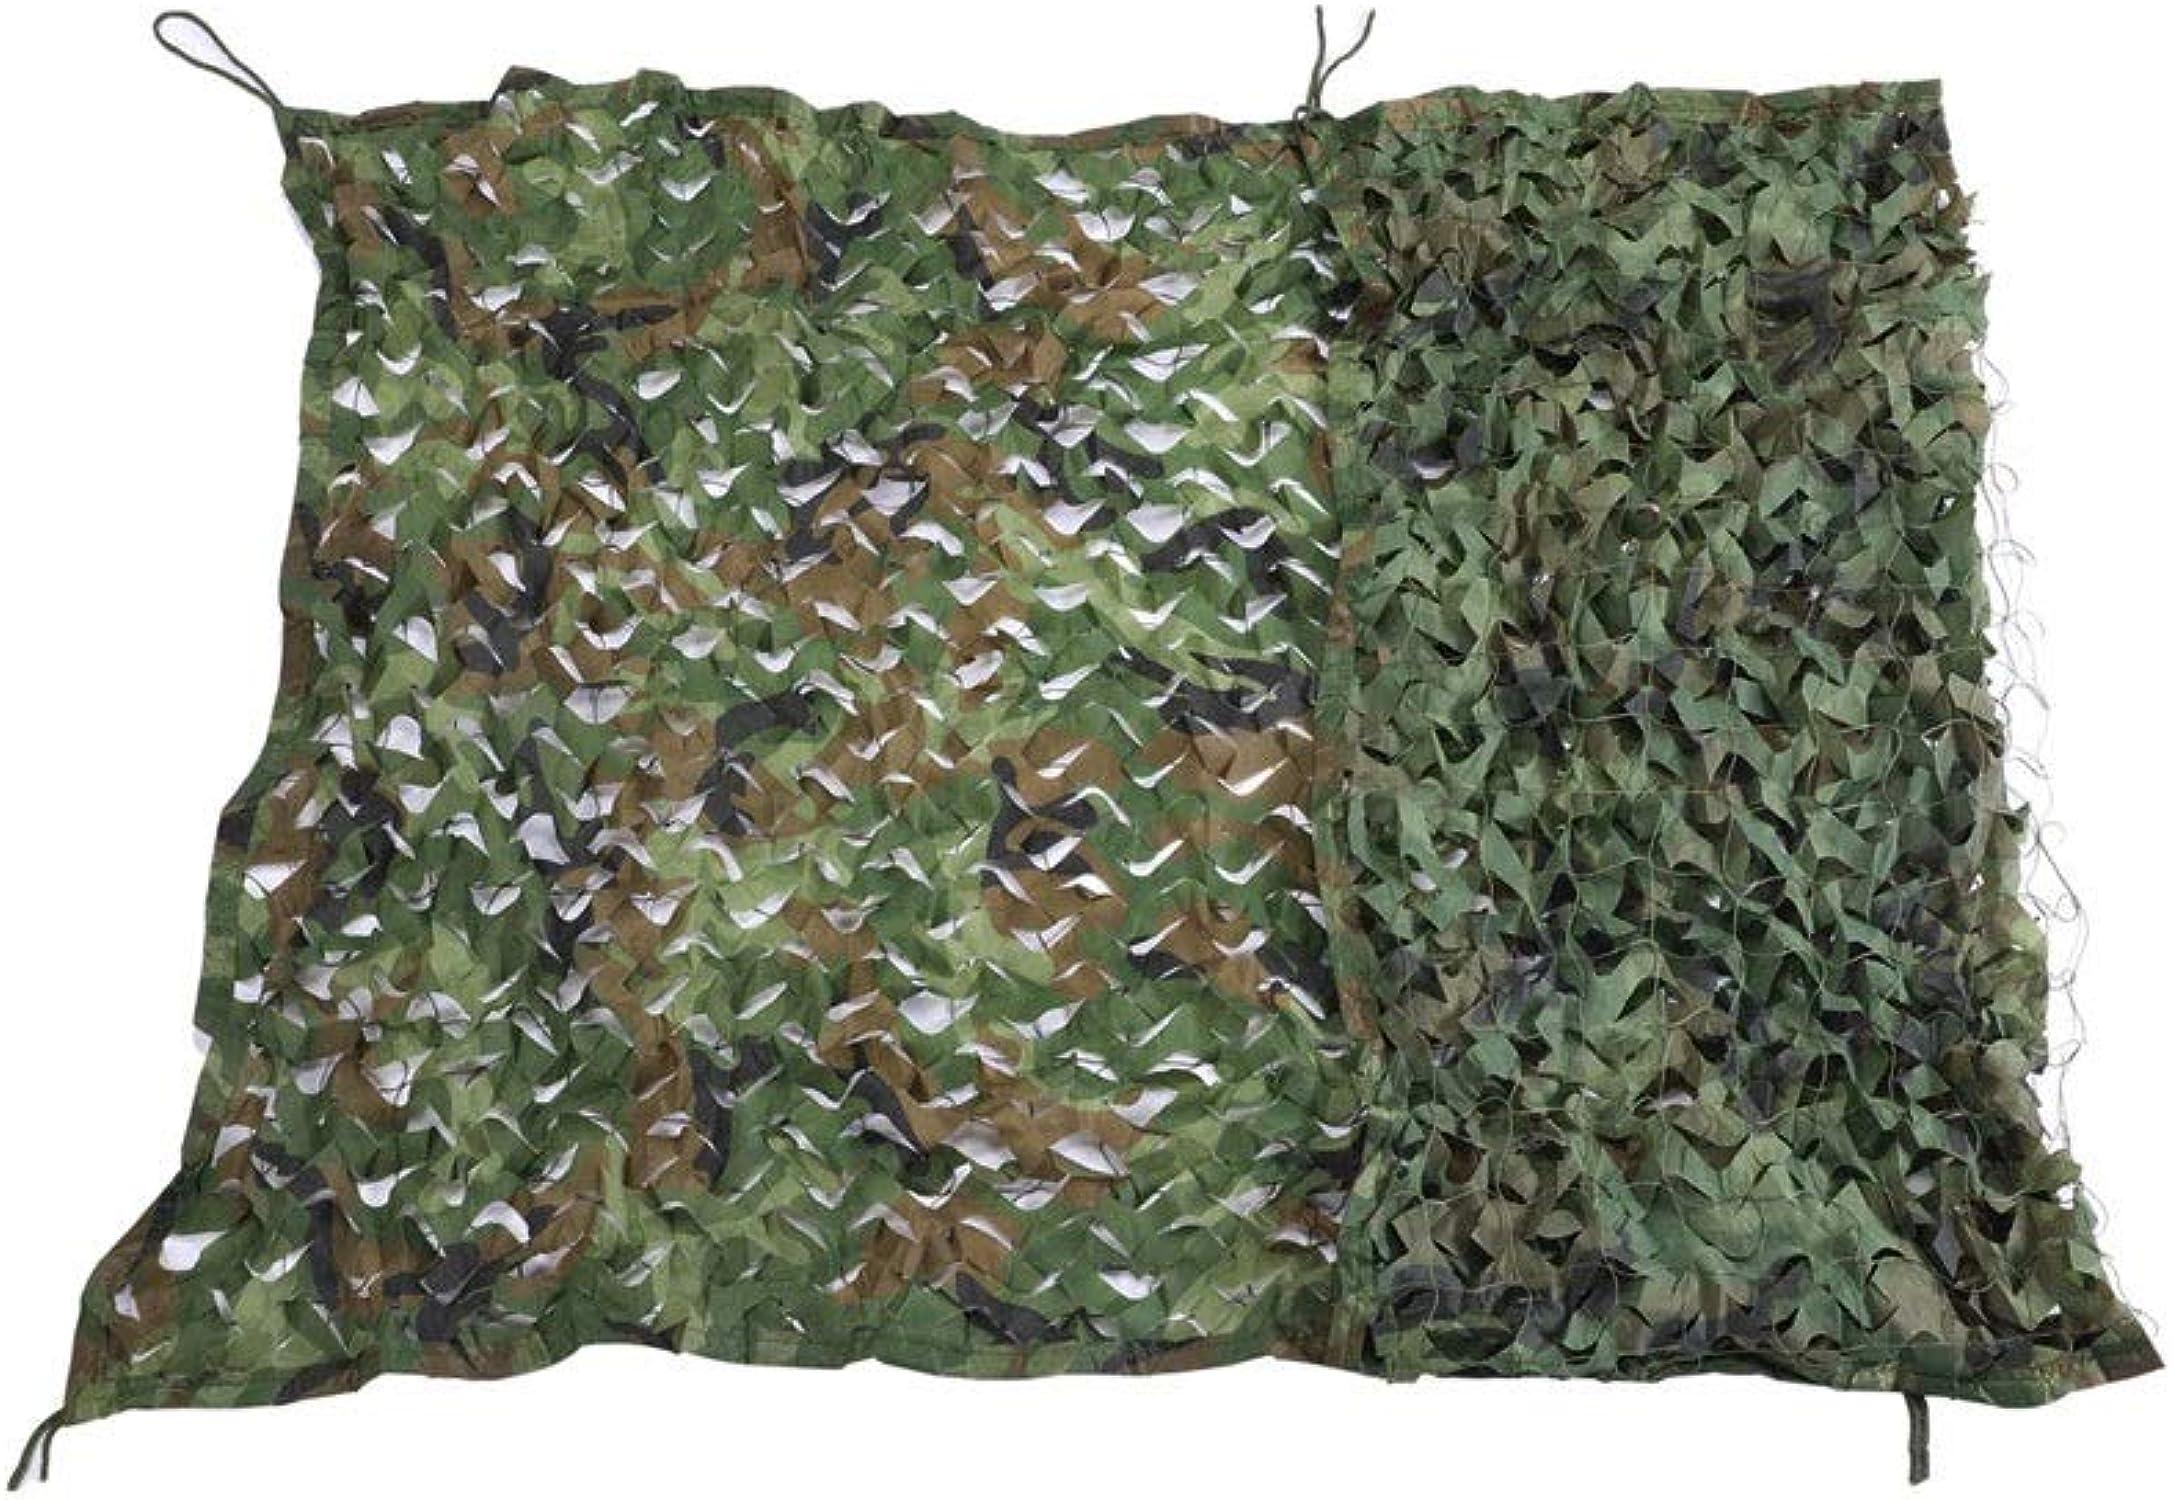 Camouflage Net,Malla de Camuflaje Camo Toldos rojo de Sombra Camo Projoect Sol Malla Sombreado Toldos,para Bloque De Sol Al Aire Libre Cazando Disparos Pesca Crear un Ambiente 23m Selva ( Talla   39M )